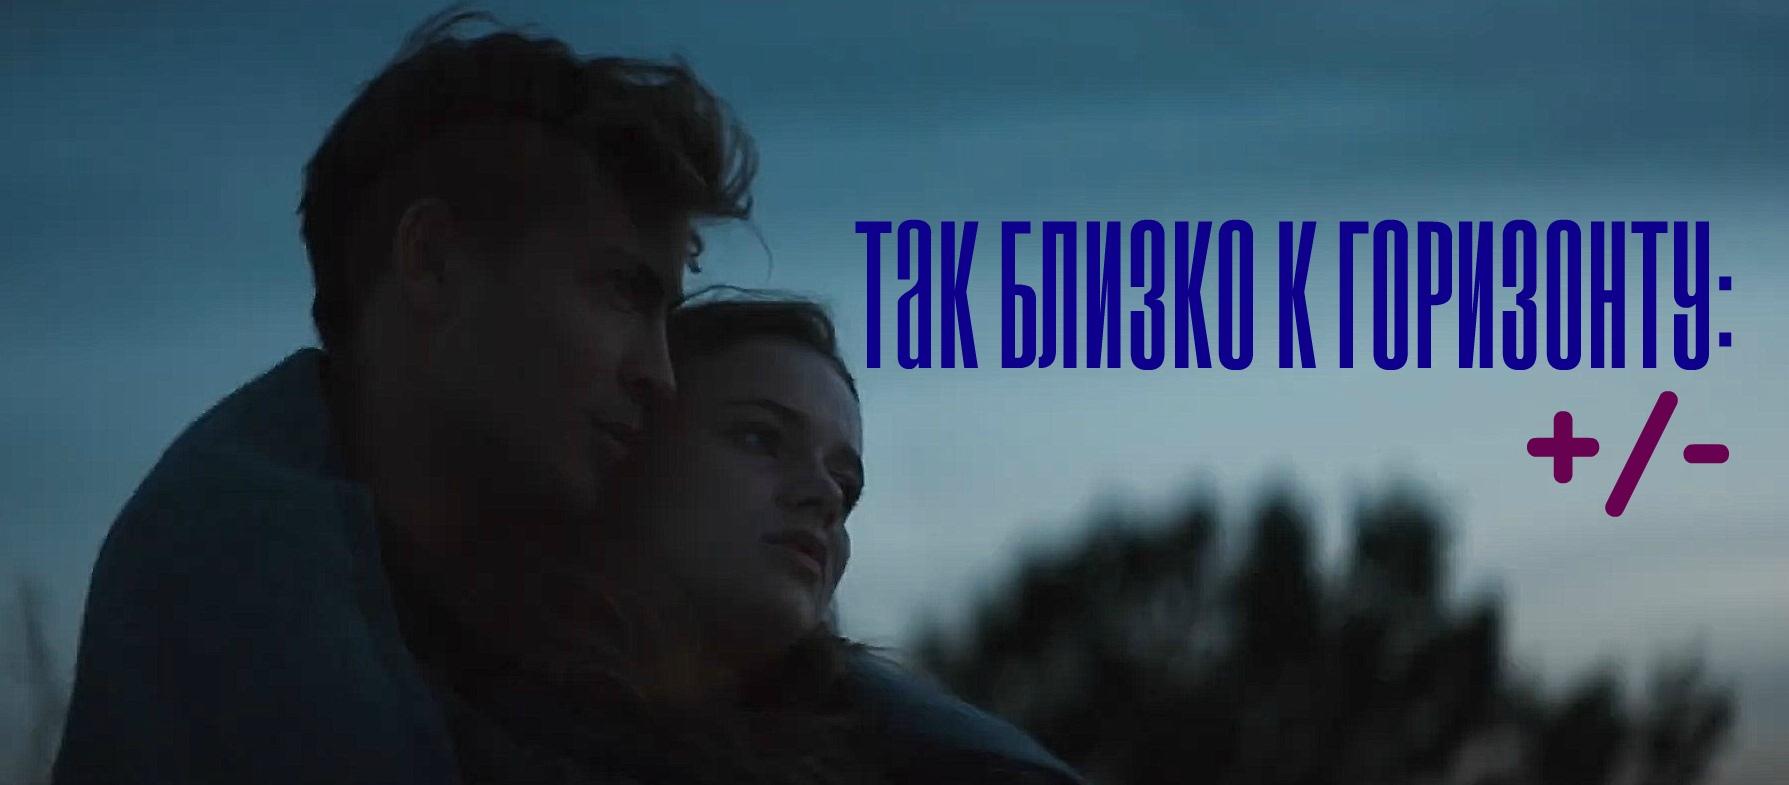 Так близко к горизонту отзыв о фильме, актёры и роли, саундтрек, трейлер